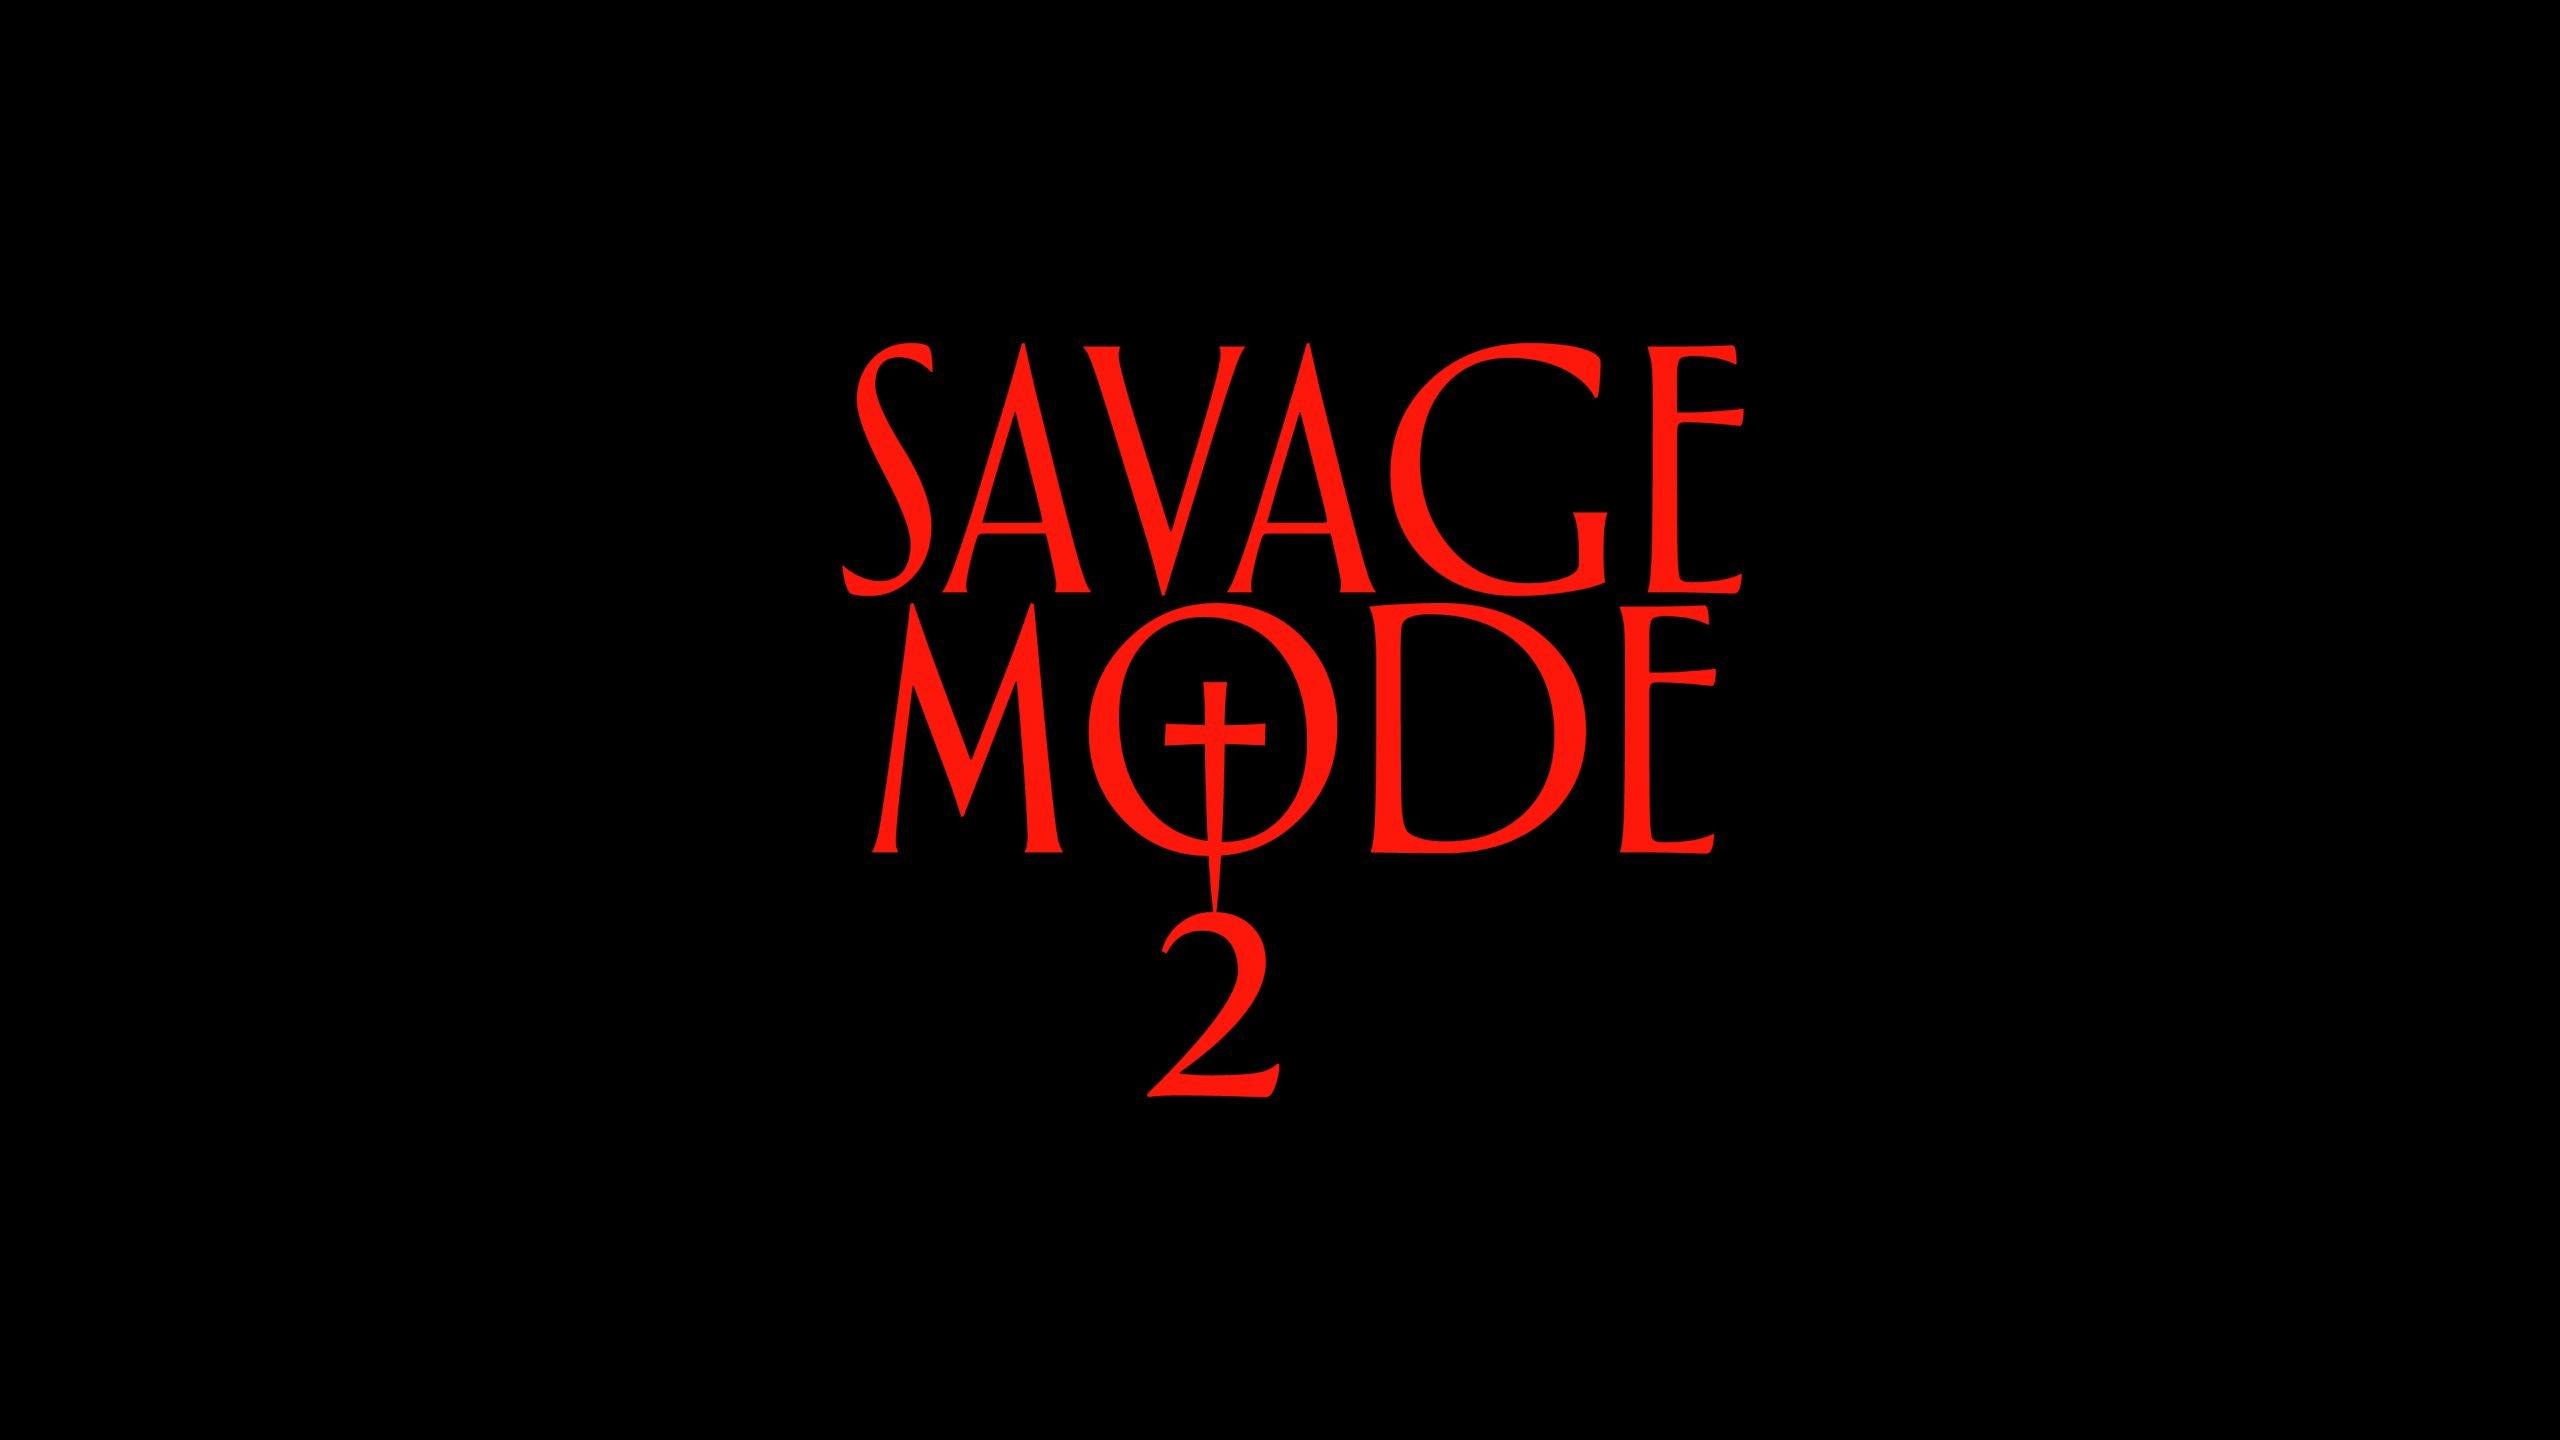 SAVAGE MODE II-merch-slider 2-06